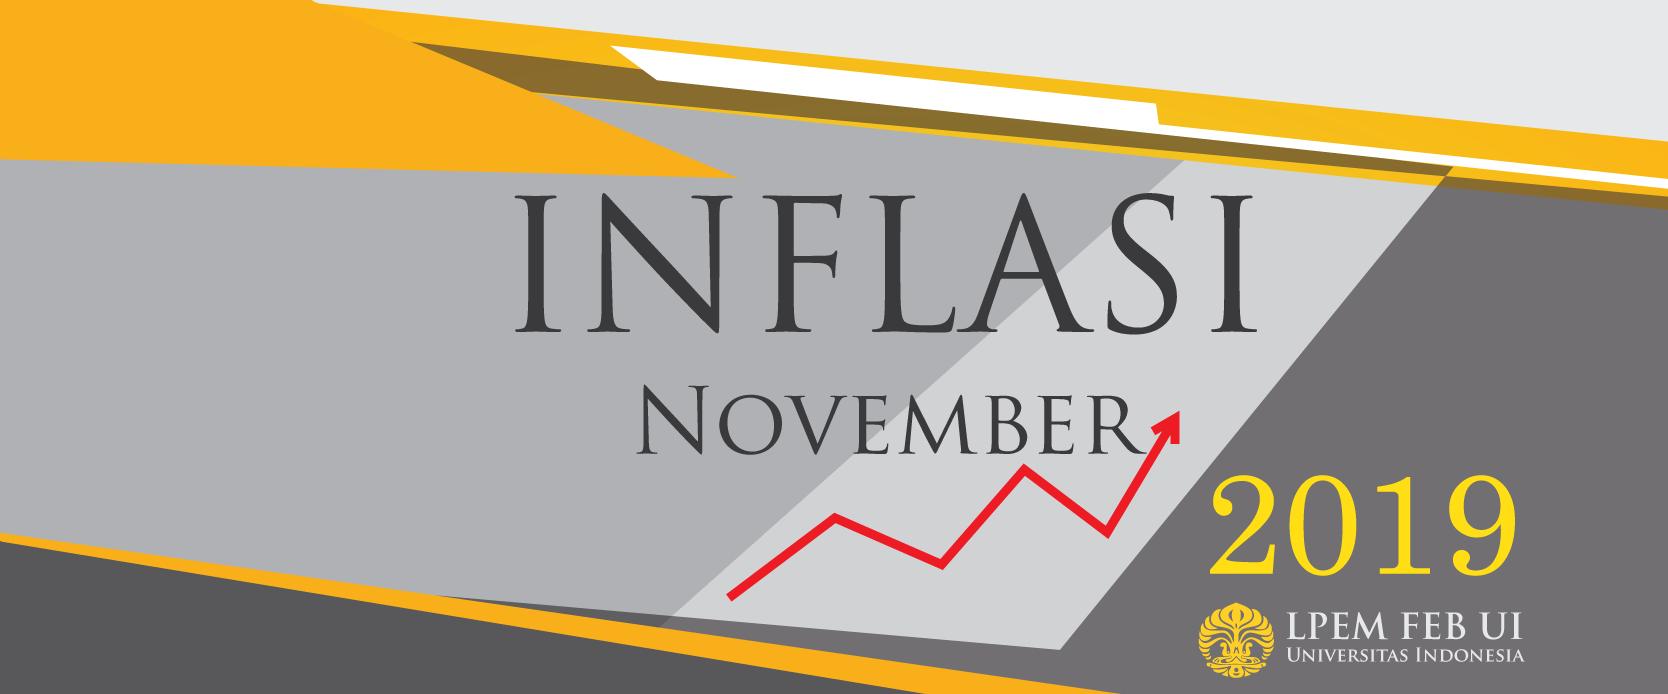 SERI ANALISIS MAKROEKONOMI: Inflasi Bulanan, November 2019